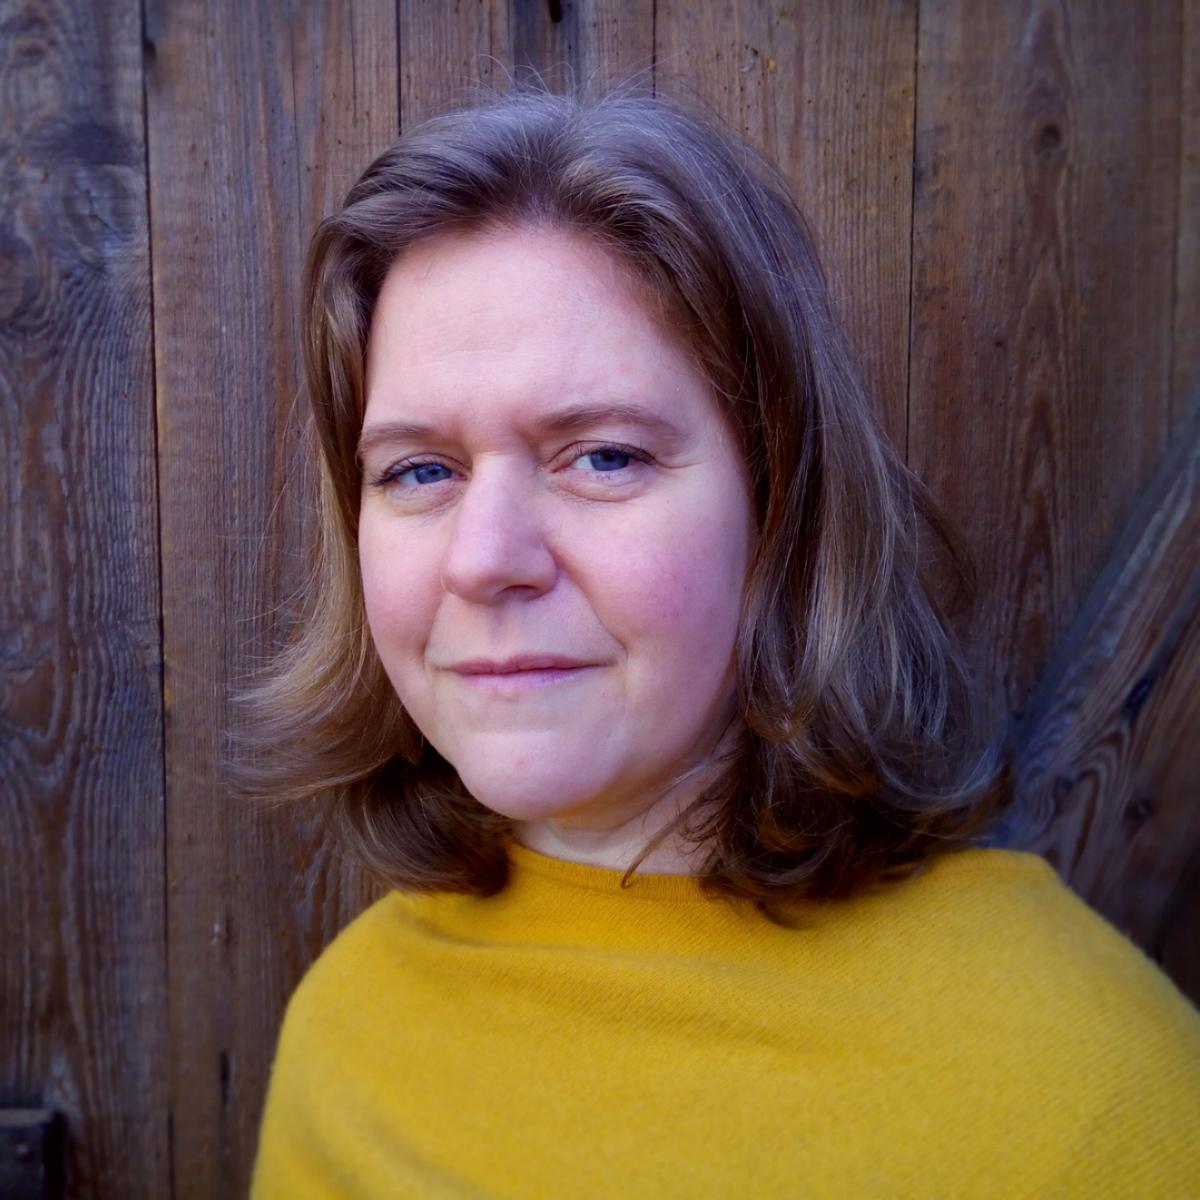 Claudia Bollwinkel